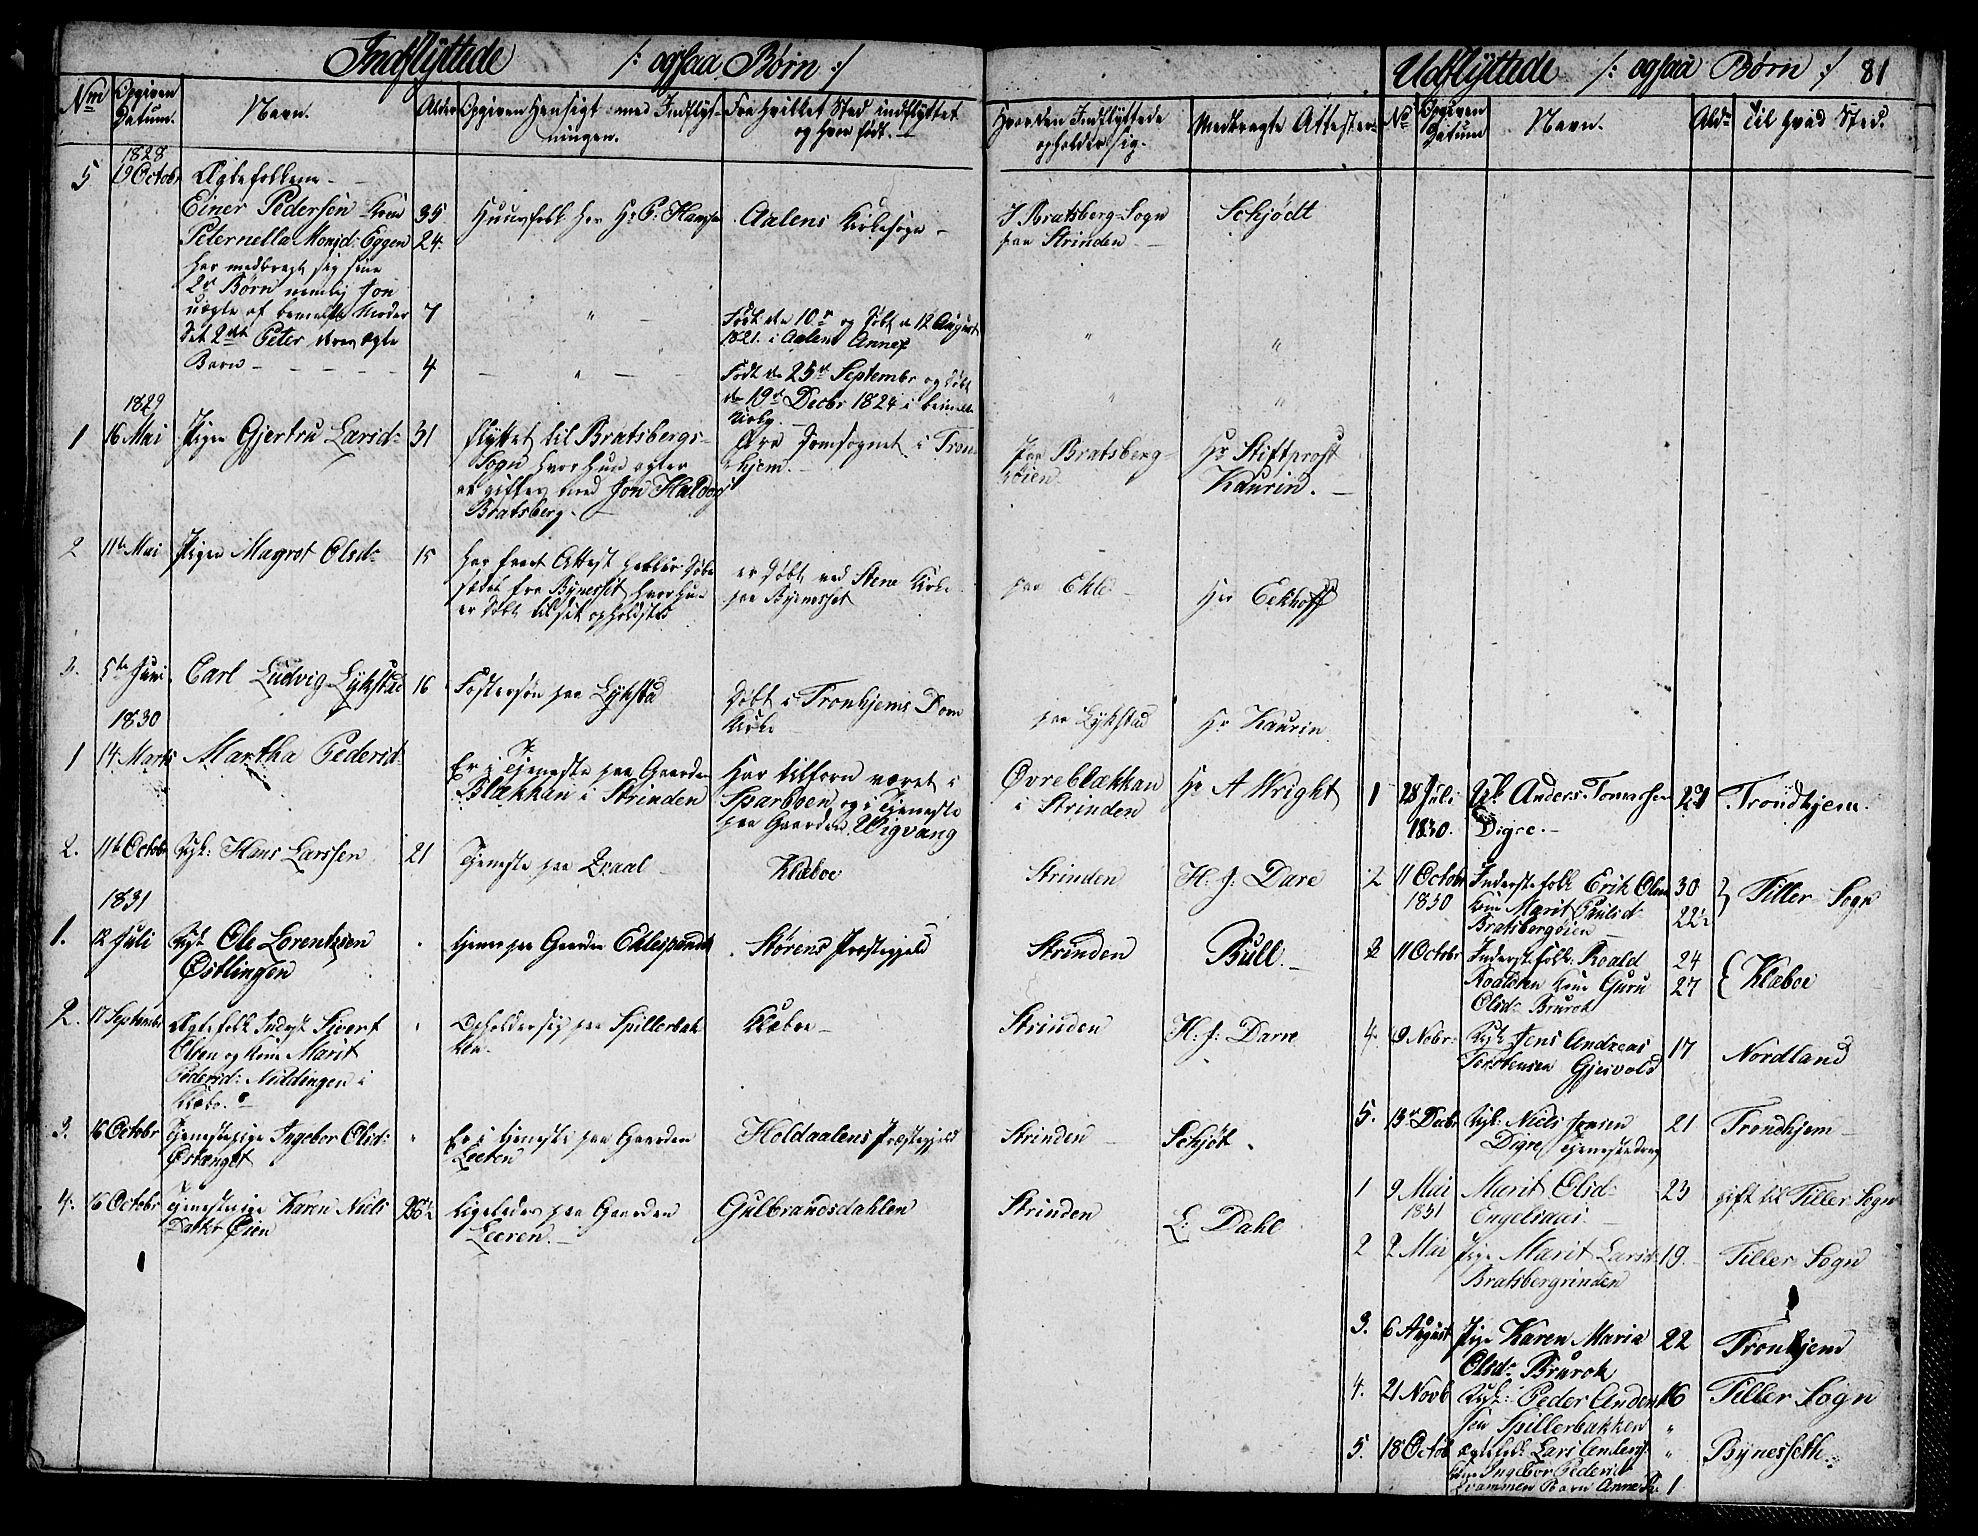 SAT, Ministerialprotokoller, klokkerbøker og fødselsregistre - Sør-Trøndelag, 608/L0337: Klokkerbok nr. 608C03, 1821-1831, s. 81